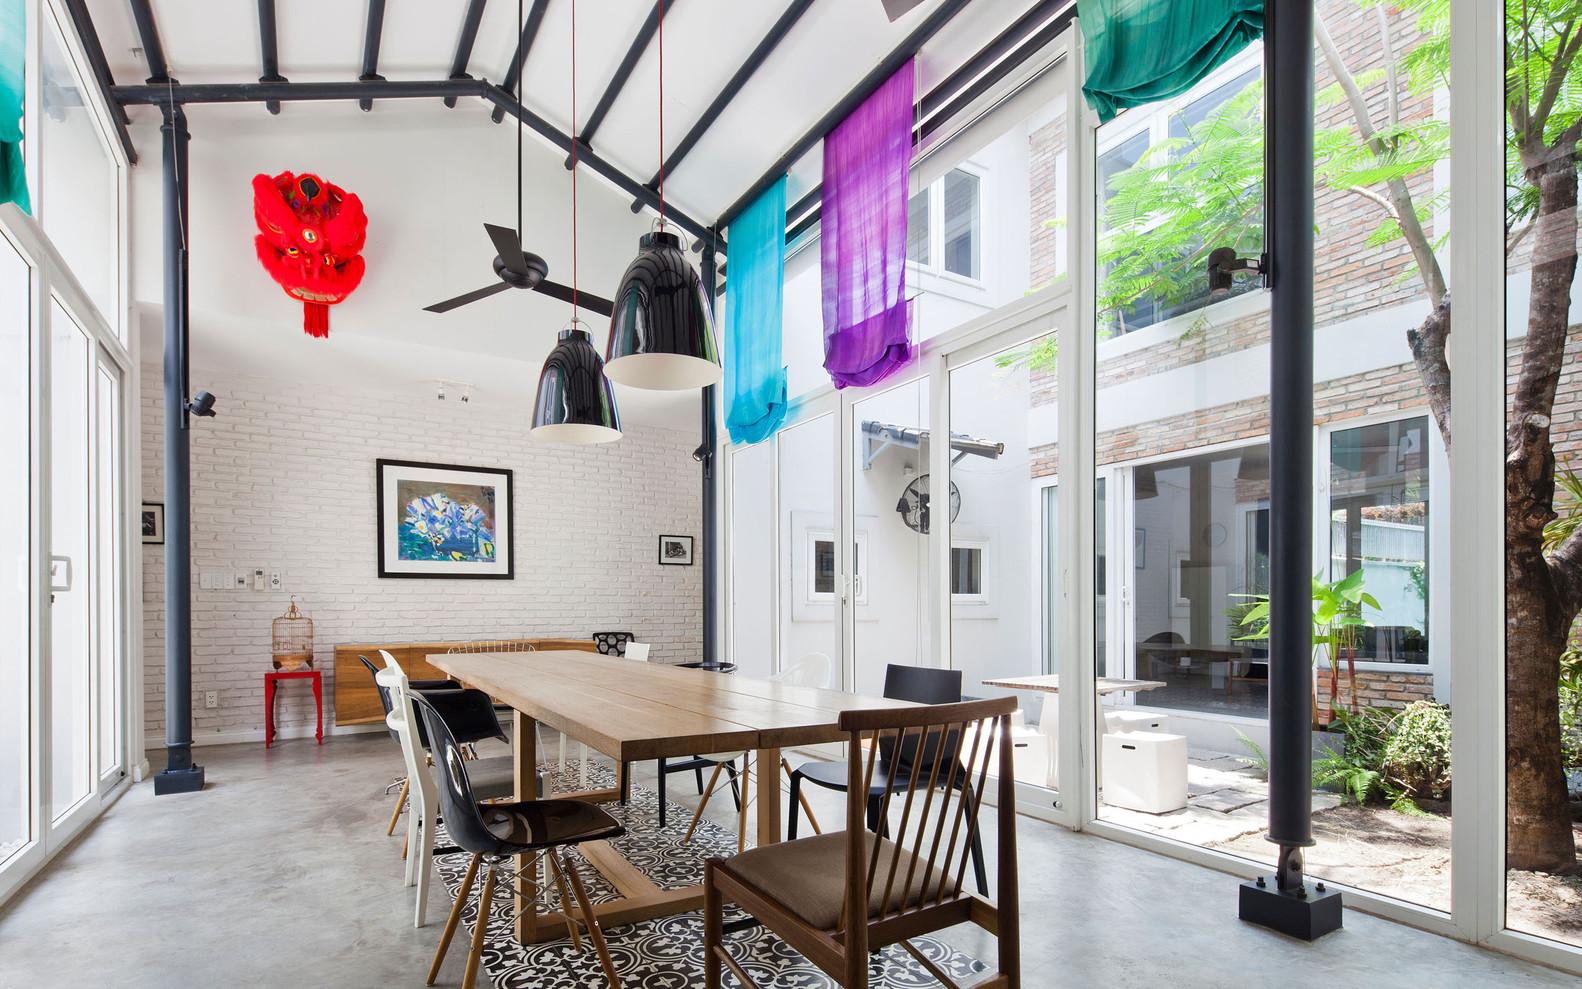 Casa Con Patios Interiores,Cortesía De MimANYSTUDIO